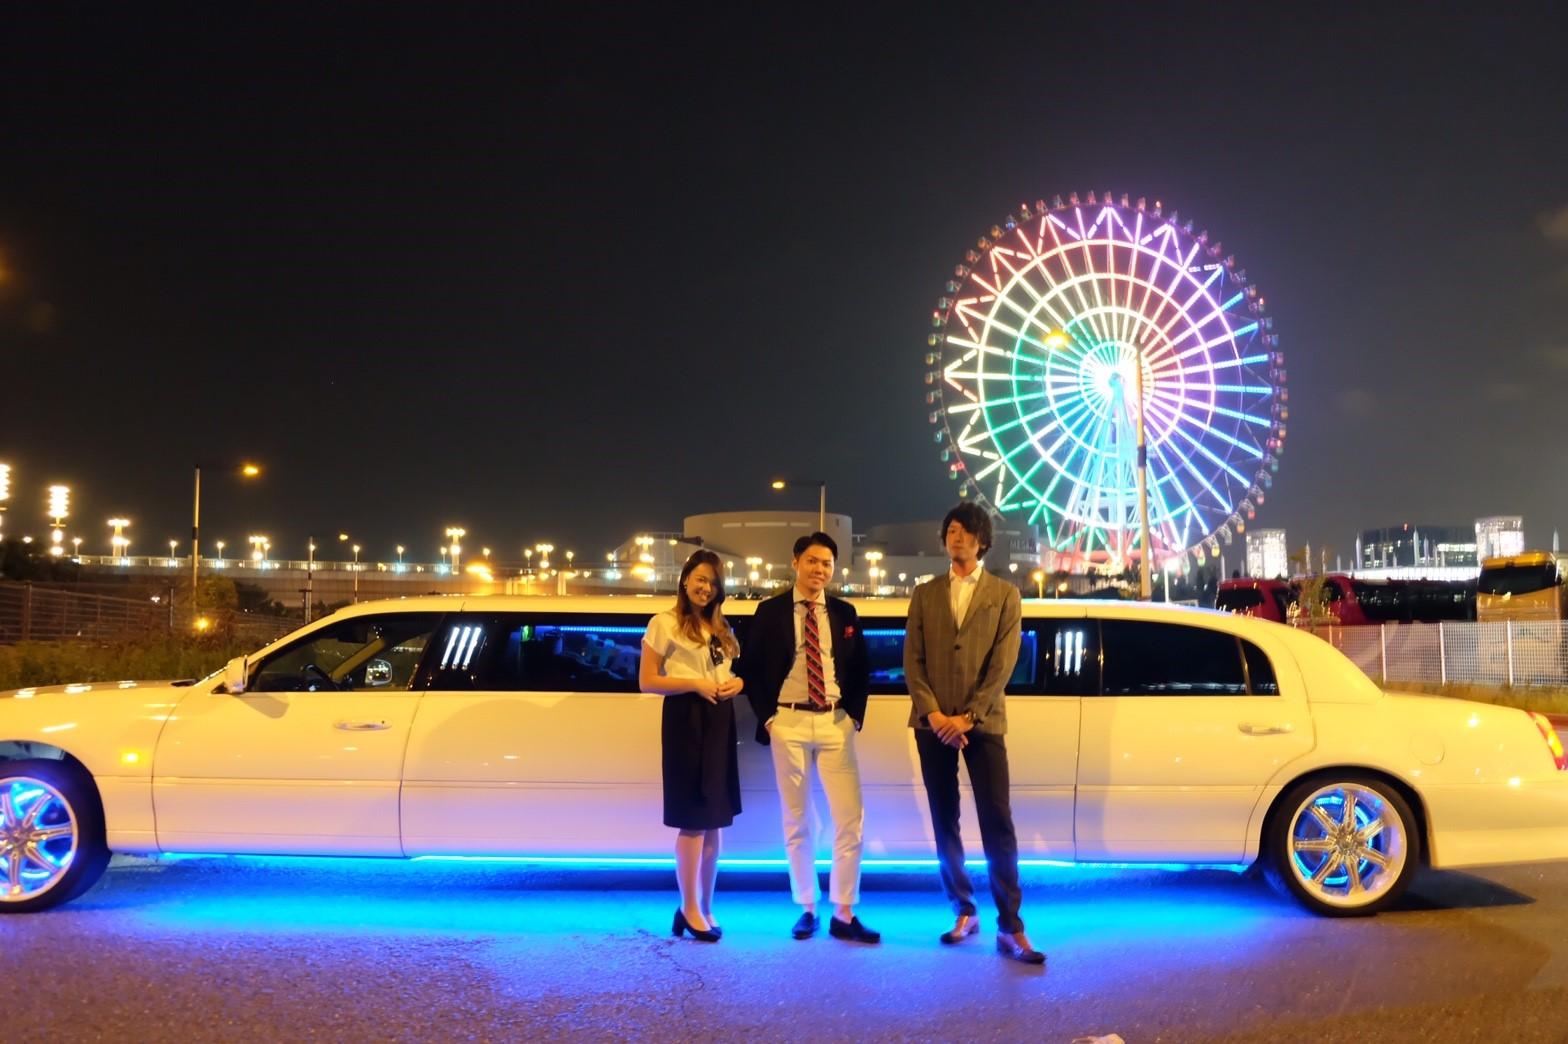 リムジンでパーティーが楽しめるリムジンパーティー東京 (35)